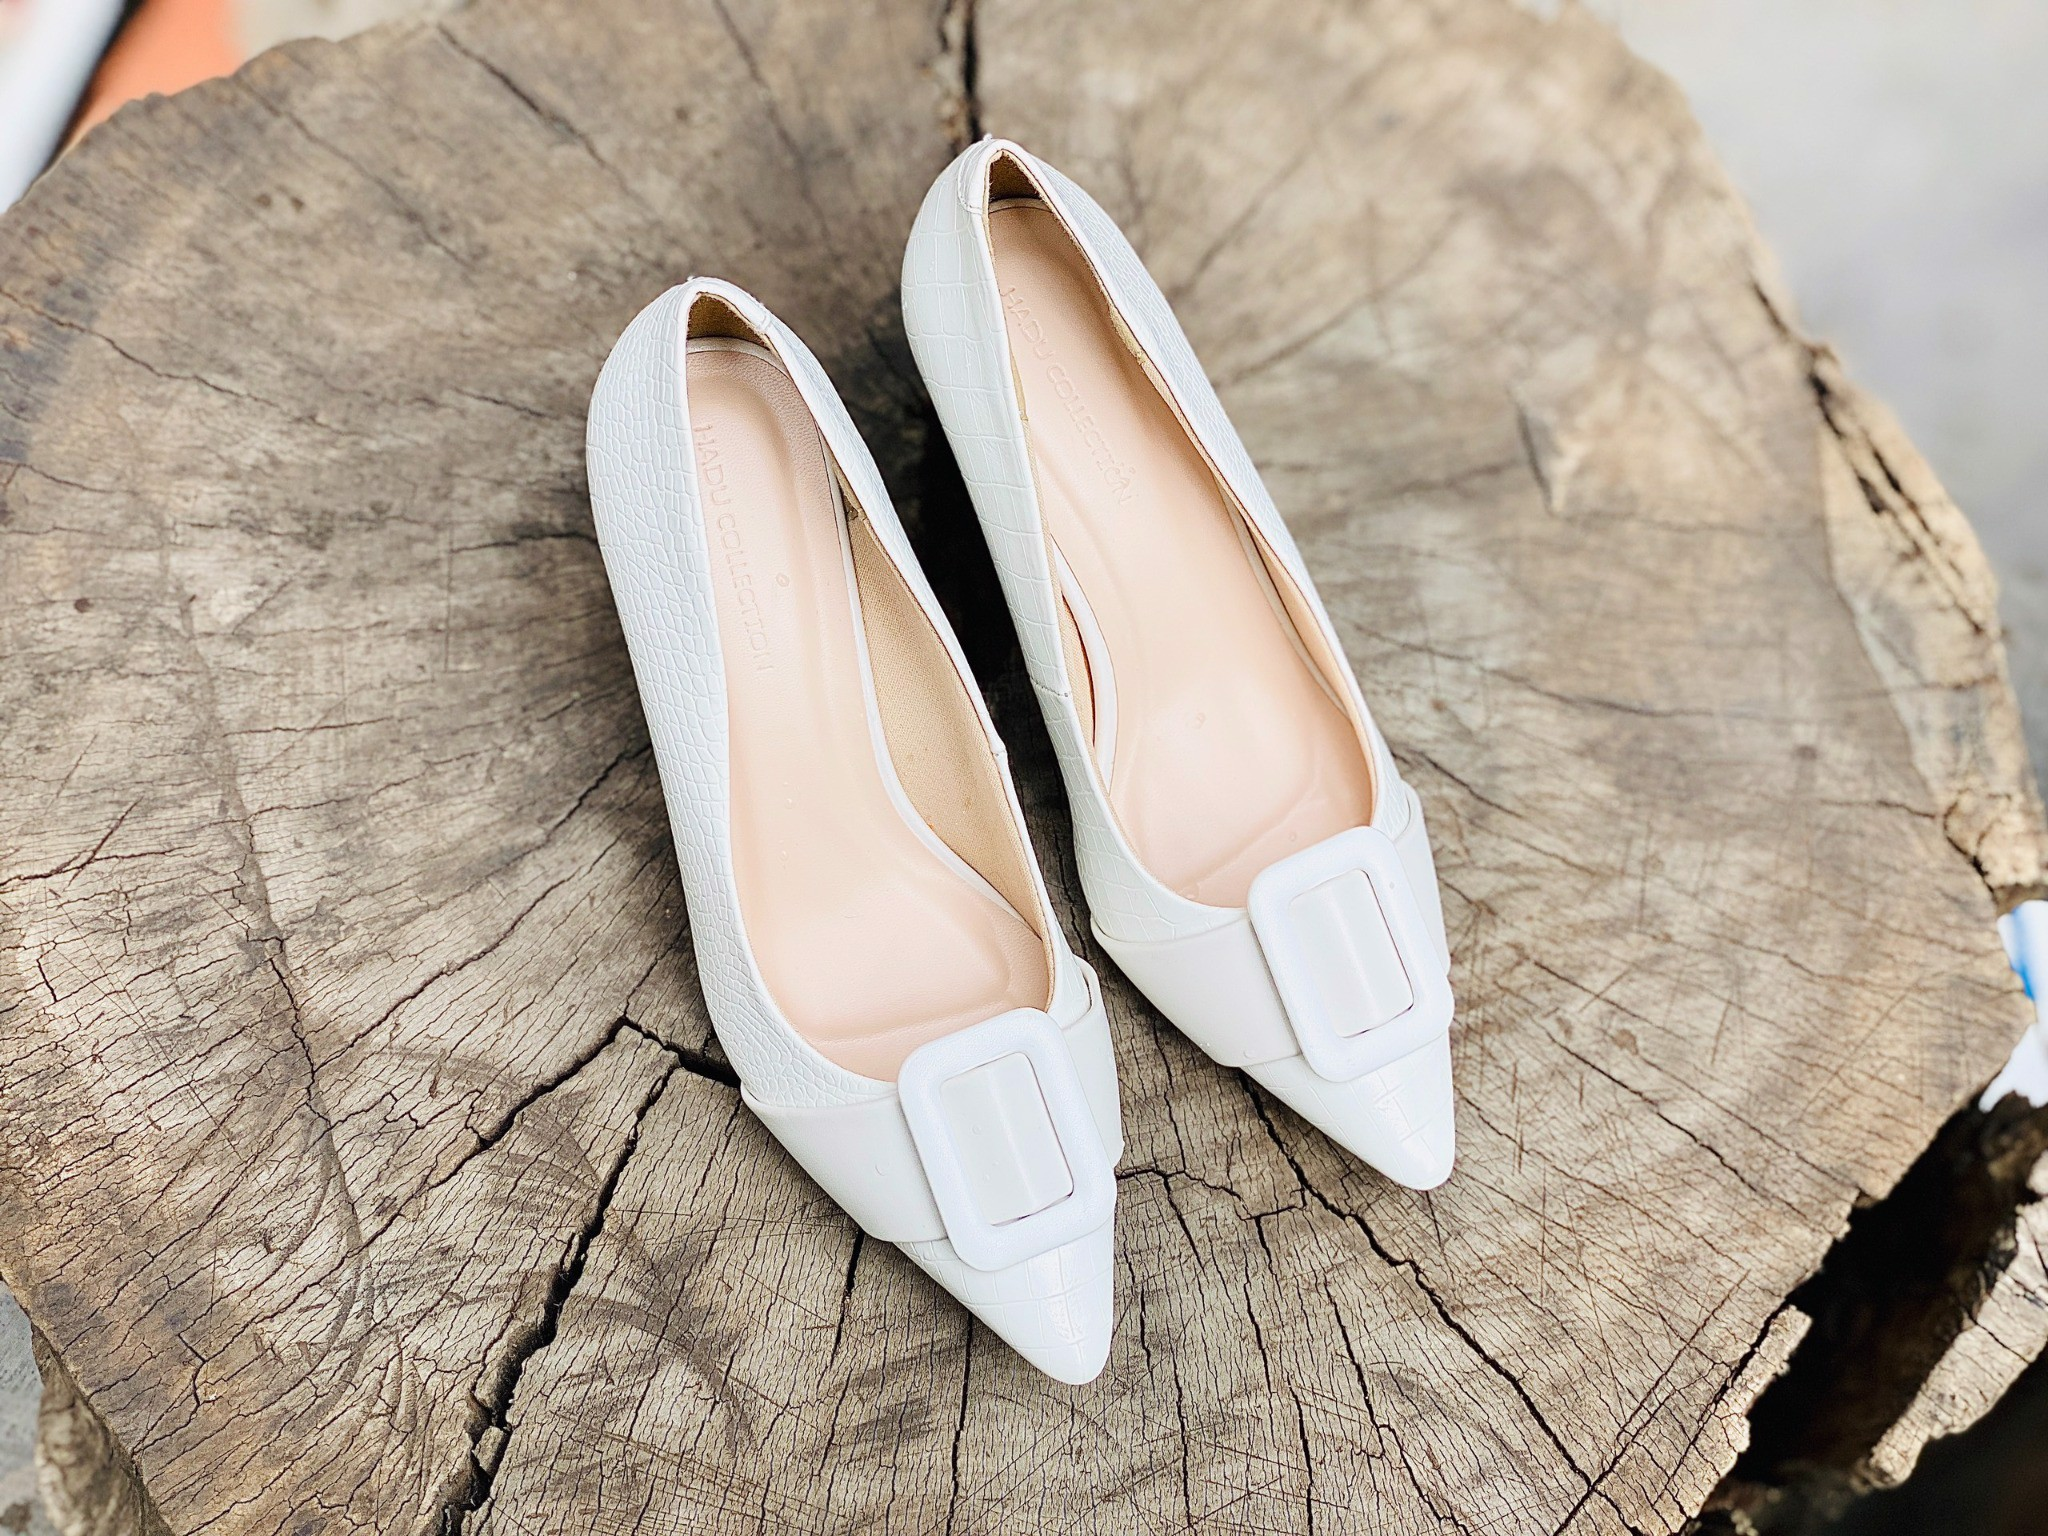 Shop giày nữ đẹp giá rẻ